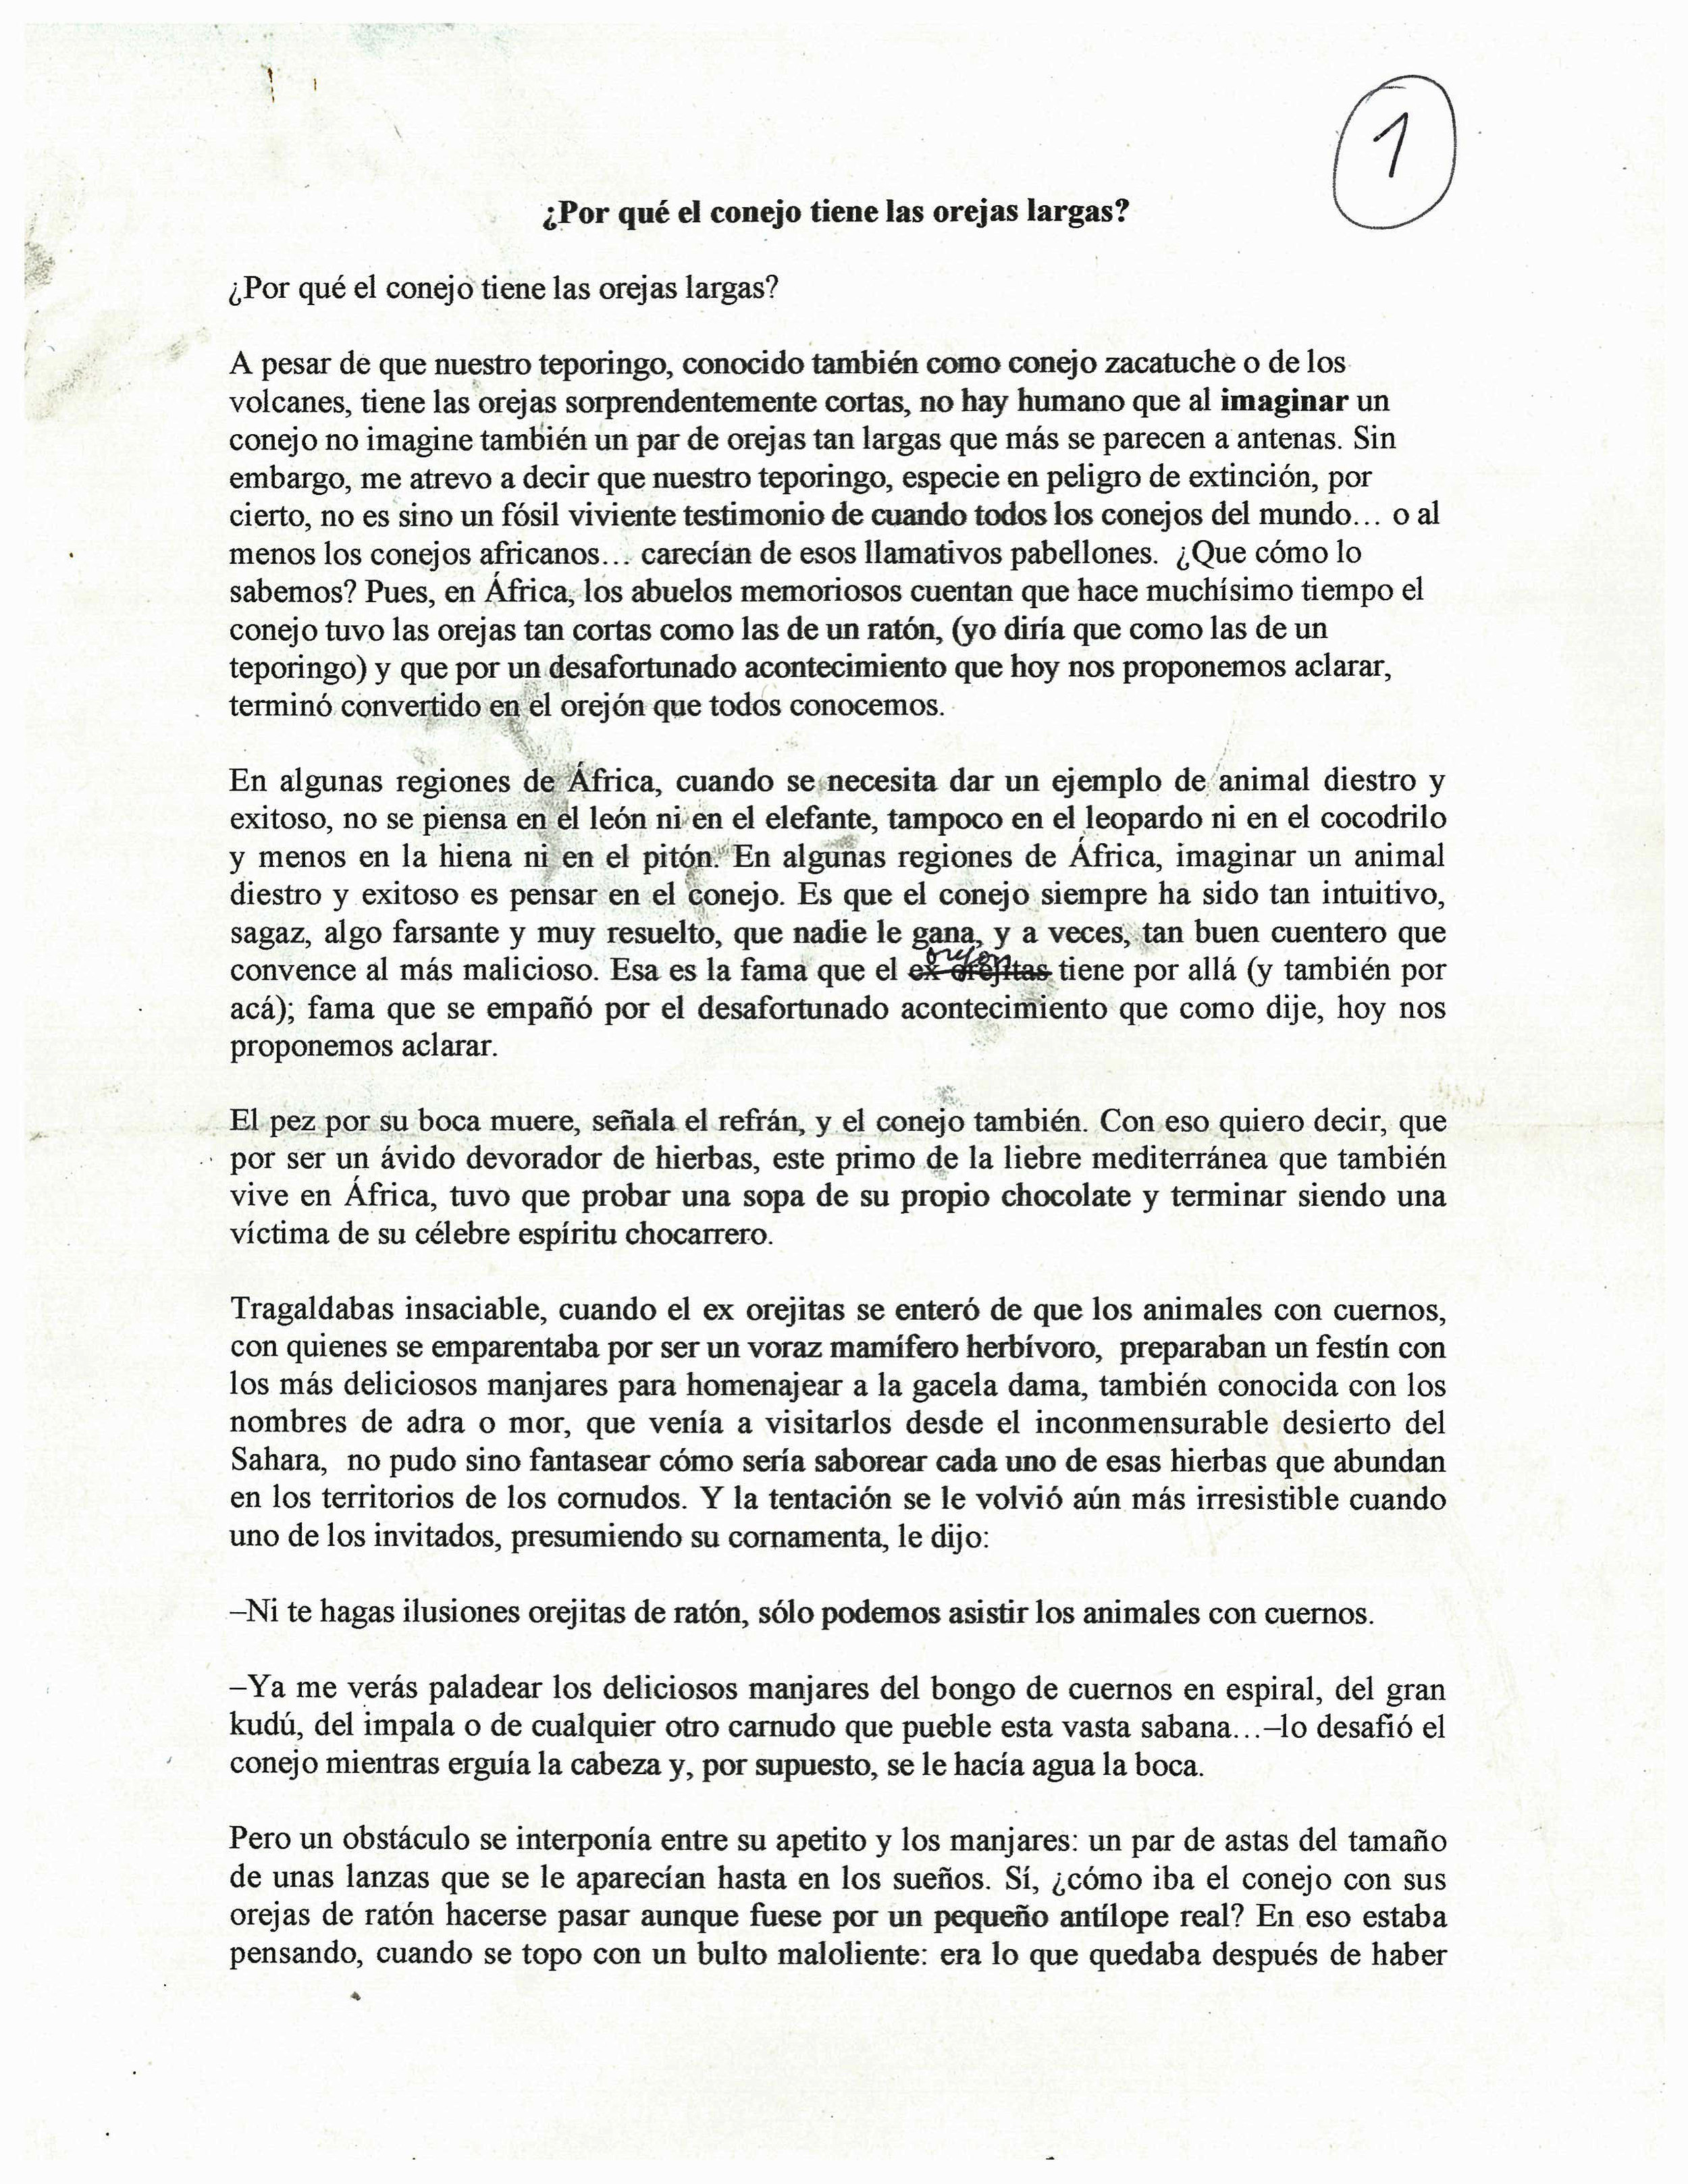 CUENTO CONEJO OREJAS LARGAS copy 2-1.jpg